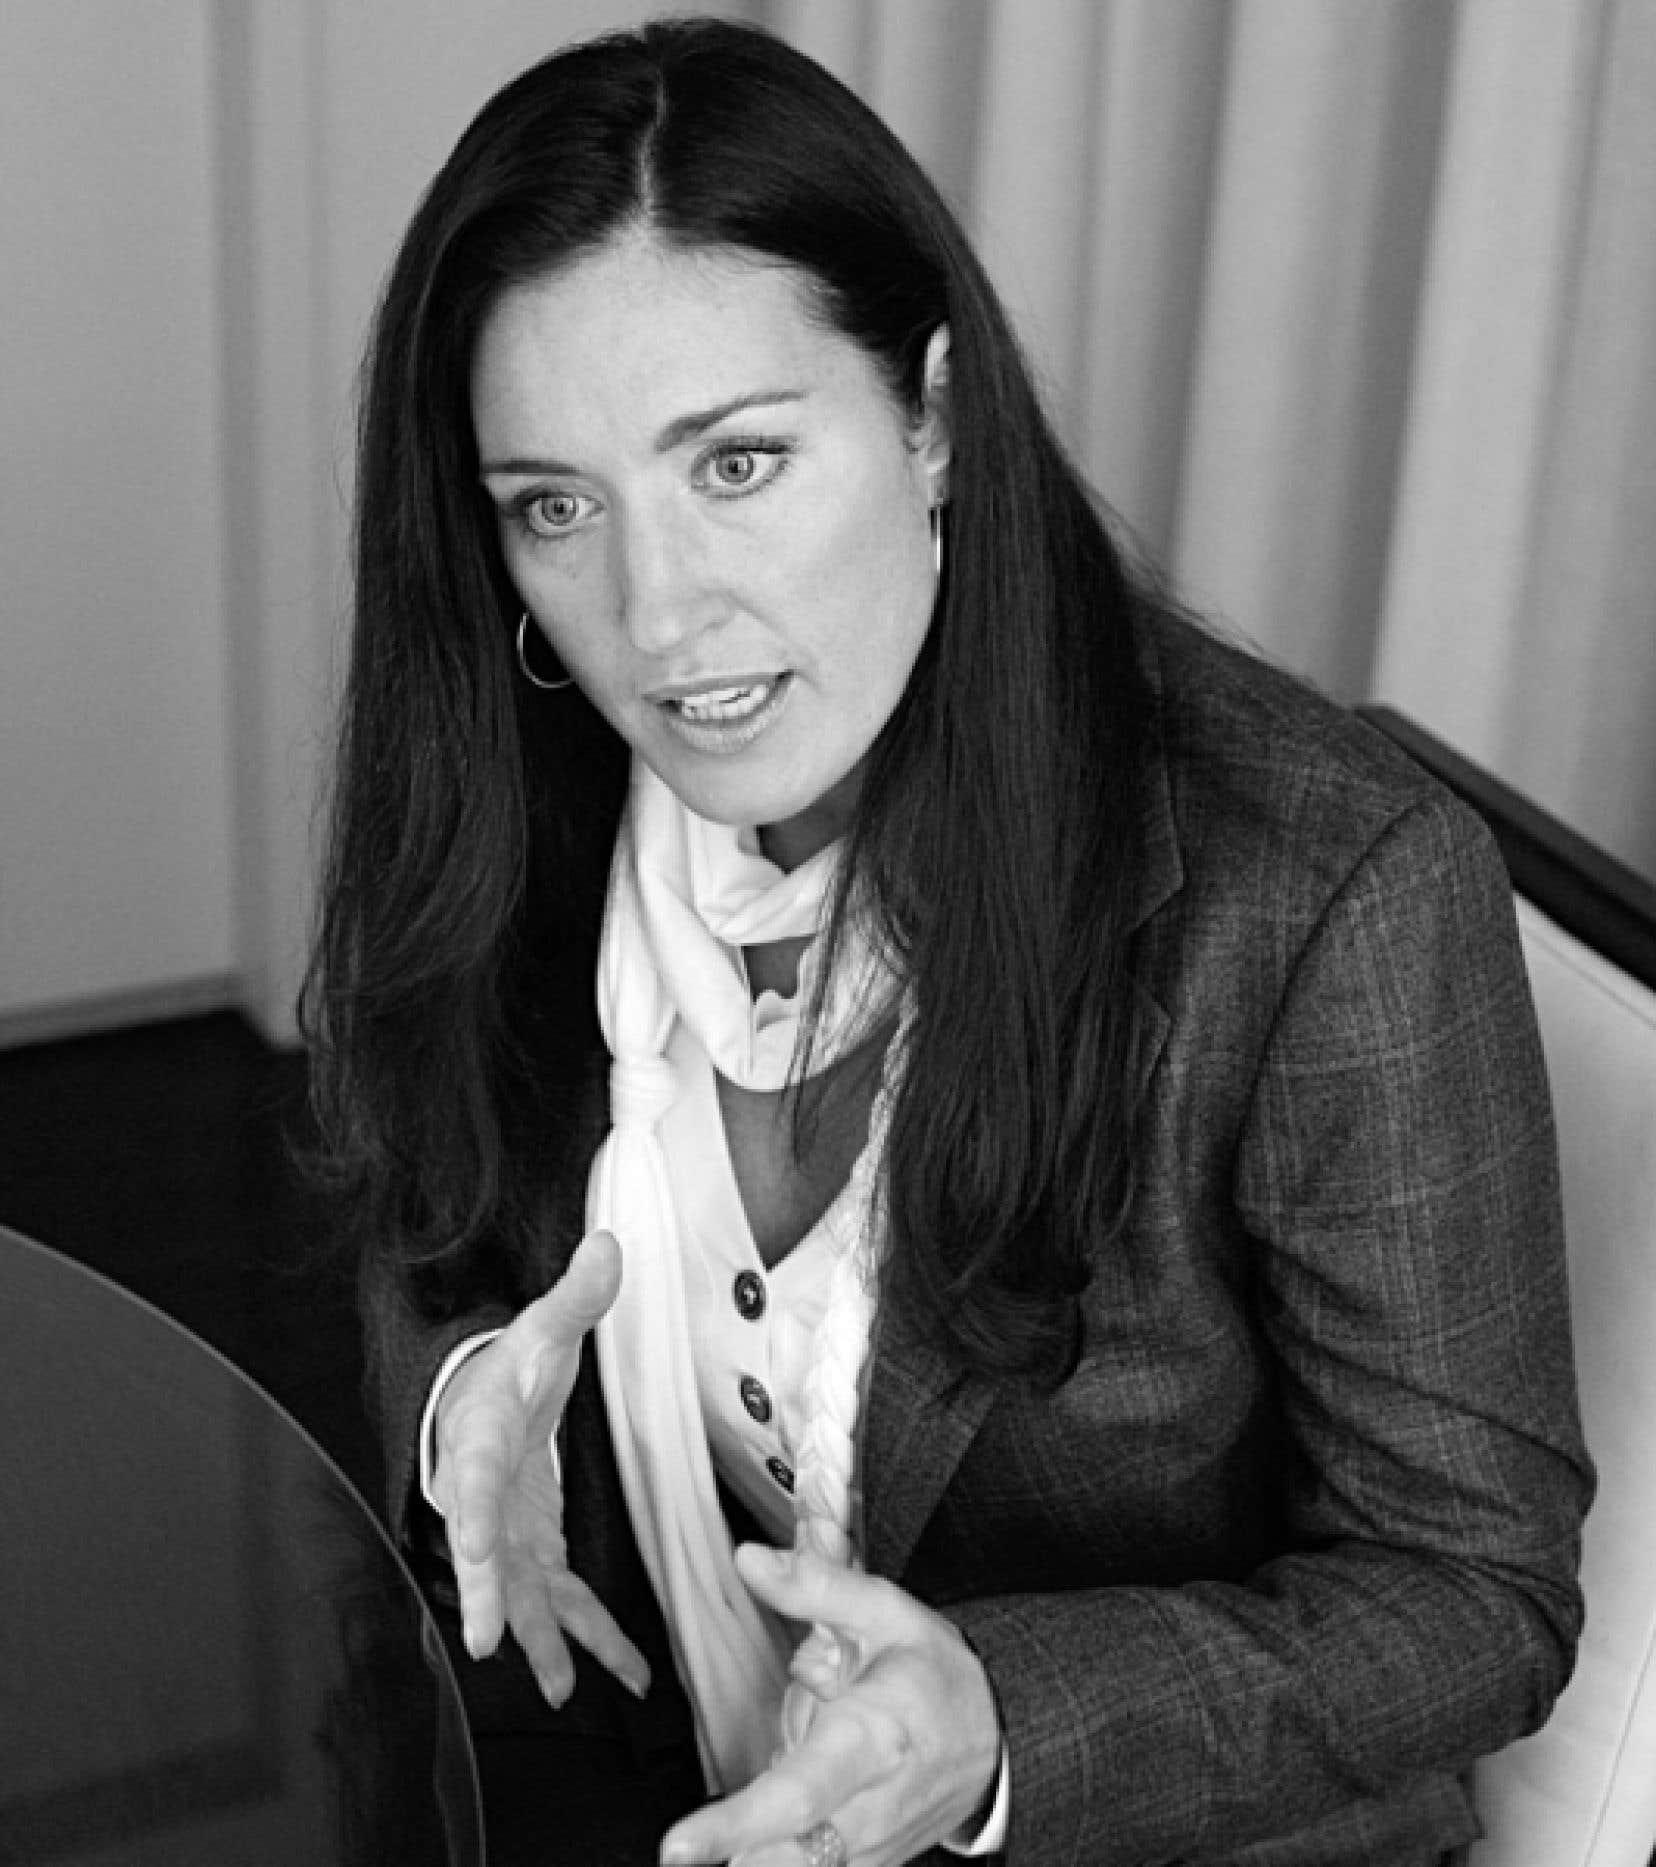 La saga Julie Couillard, qui a éclaté sur la colline parlementaire en mai 2008, revient à l'avant-plan alors que le Groupe TVA réclame 1,3 million de dollars à Gesca pour atteinte à la réputation journalistique. Des chroniqueurs du Soleil et de La Presse s'étaient interrogés sur la frilosité de TVA à diffuser la photo de Mme Couillard, ce que le poste de télévision n'a pas apprécié.